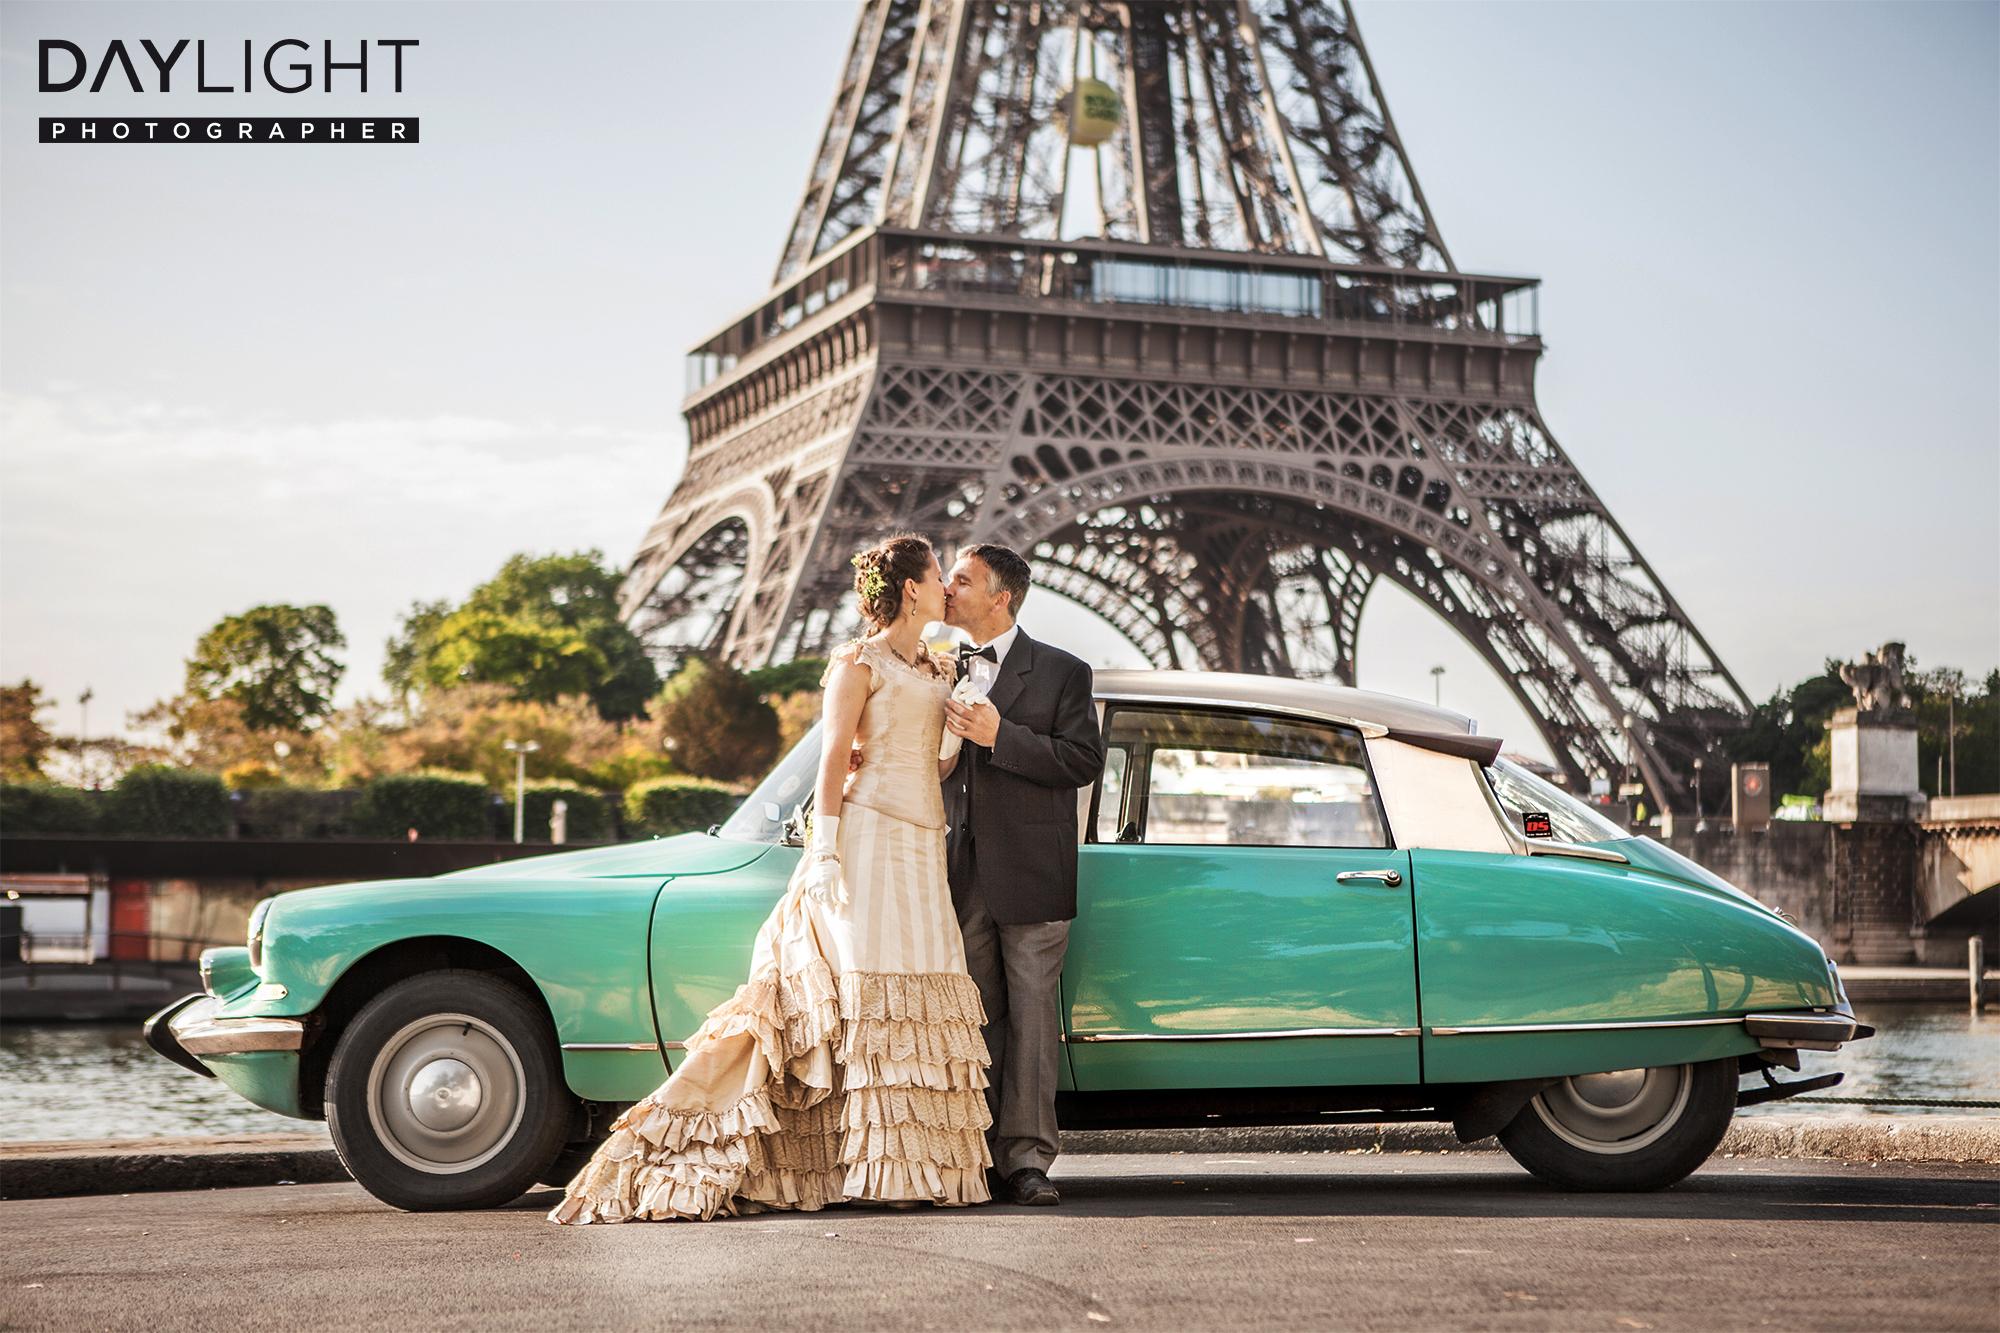 hochzeitsfotografen eiffelturm paris buchen